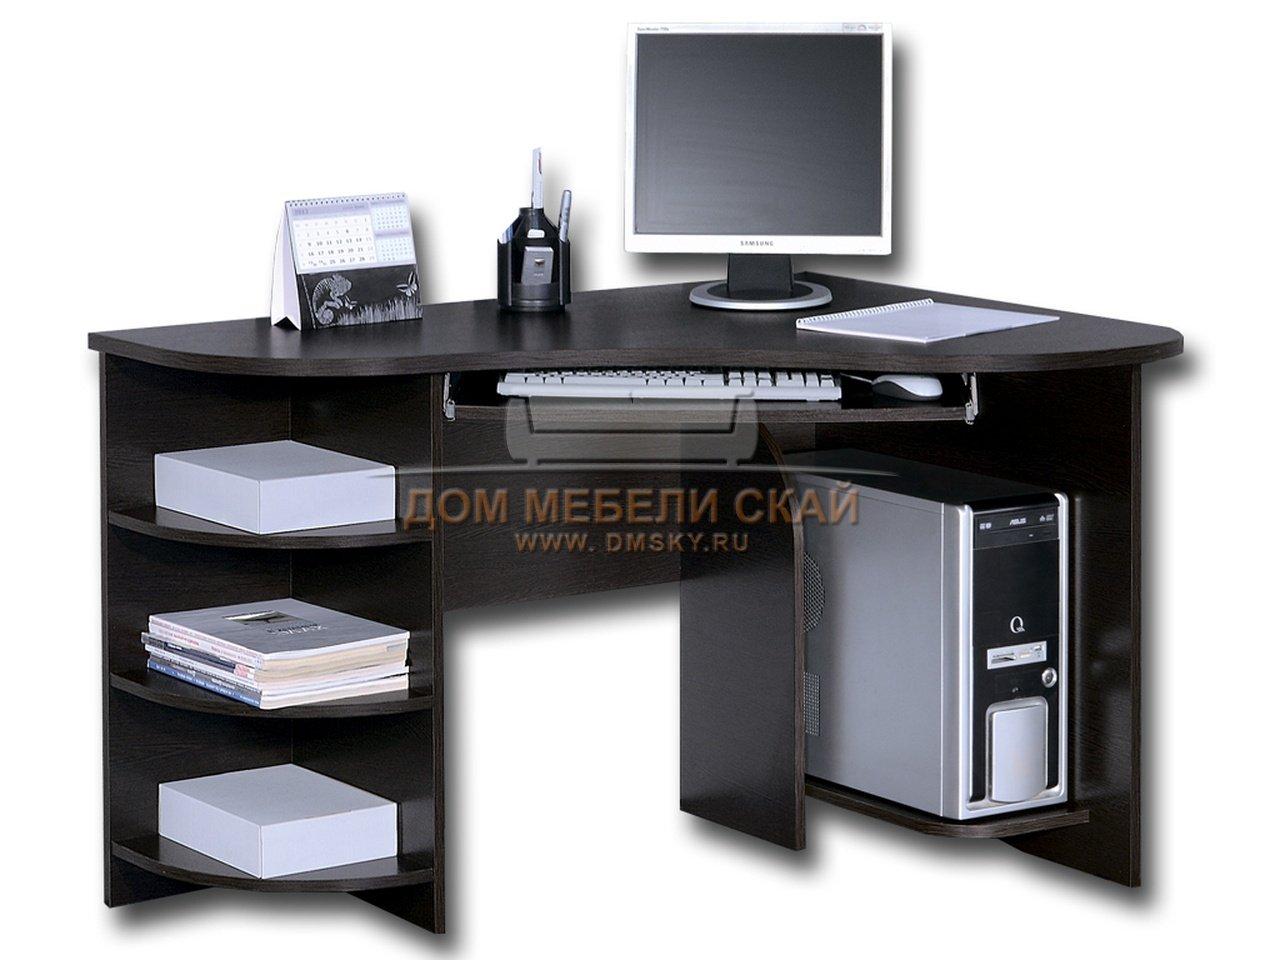 Компьютерный стол угловой   от производителя